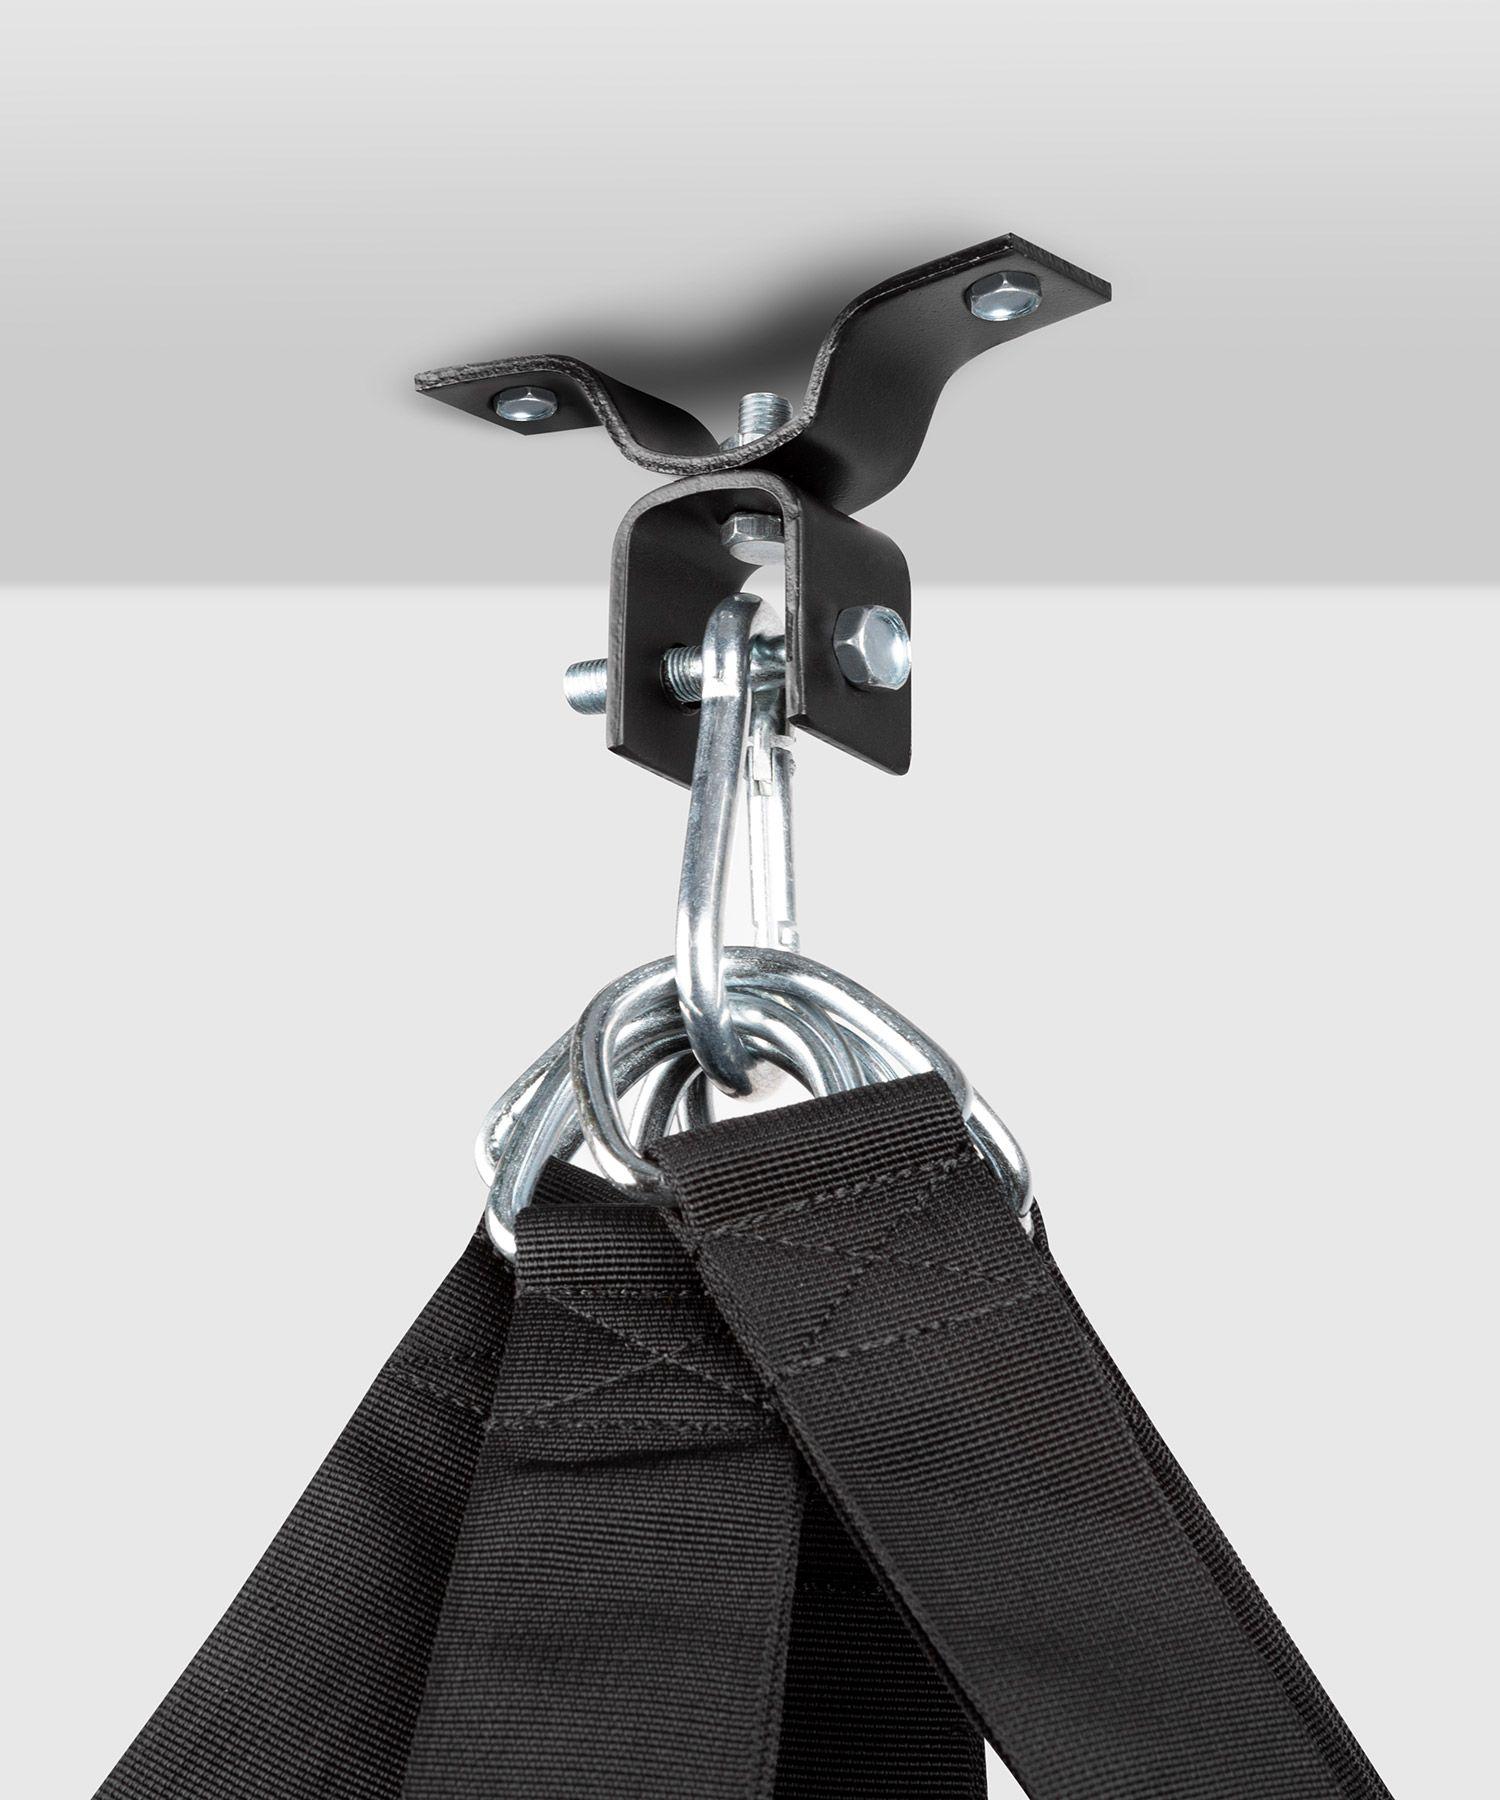 Ringhorns 360 Ceiling Hook